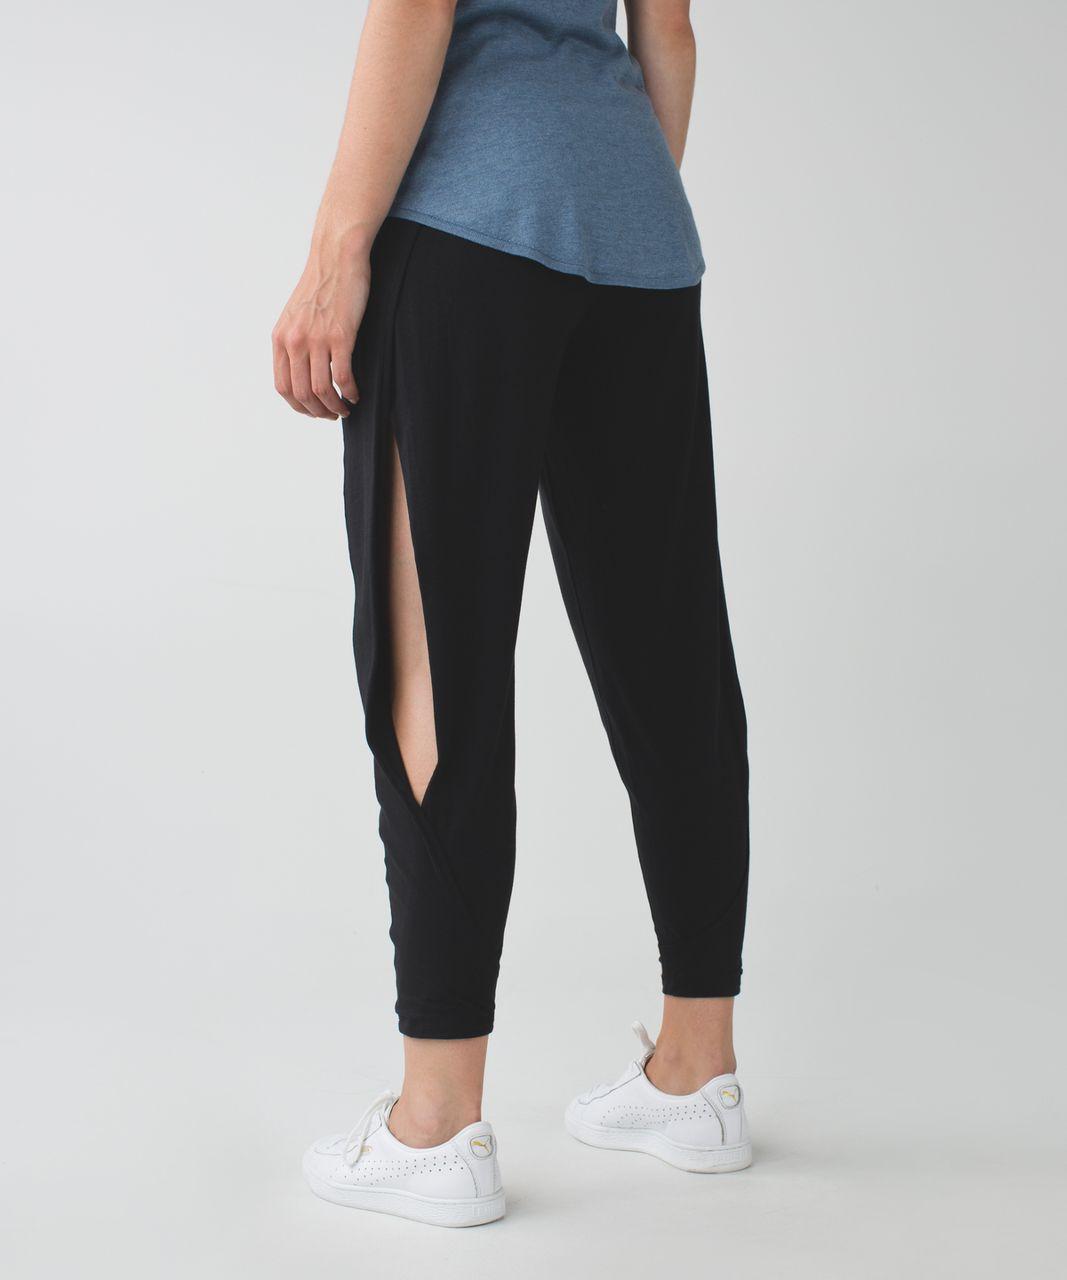 Lululemon Superb Pant - Black